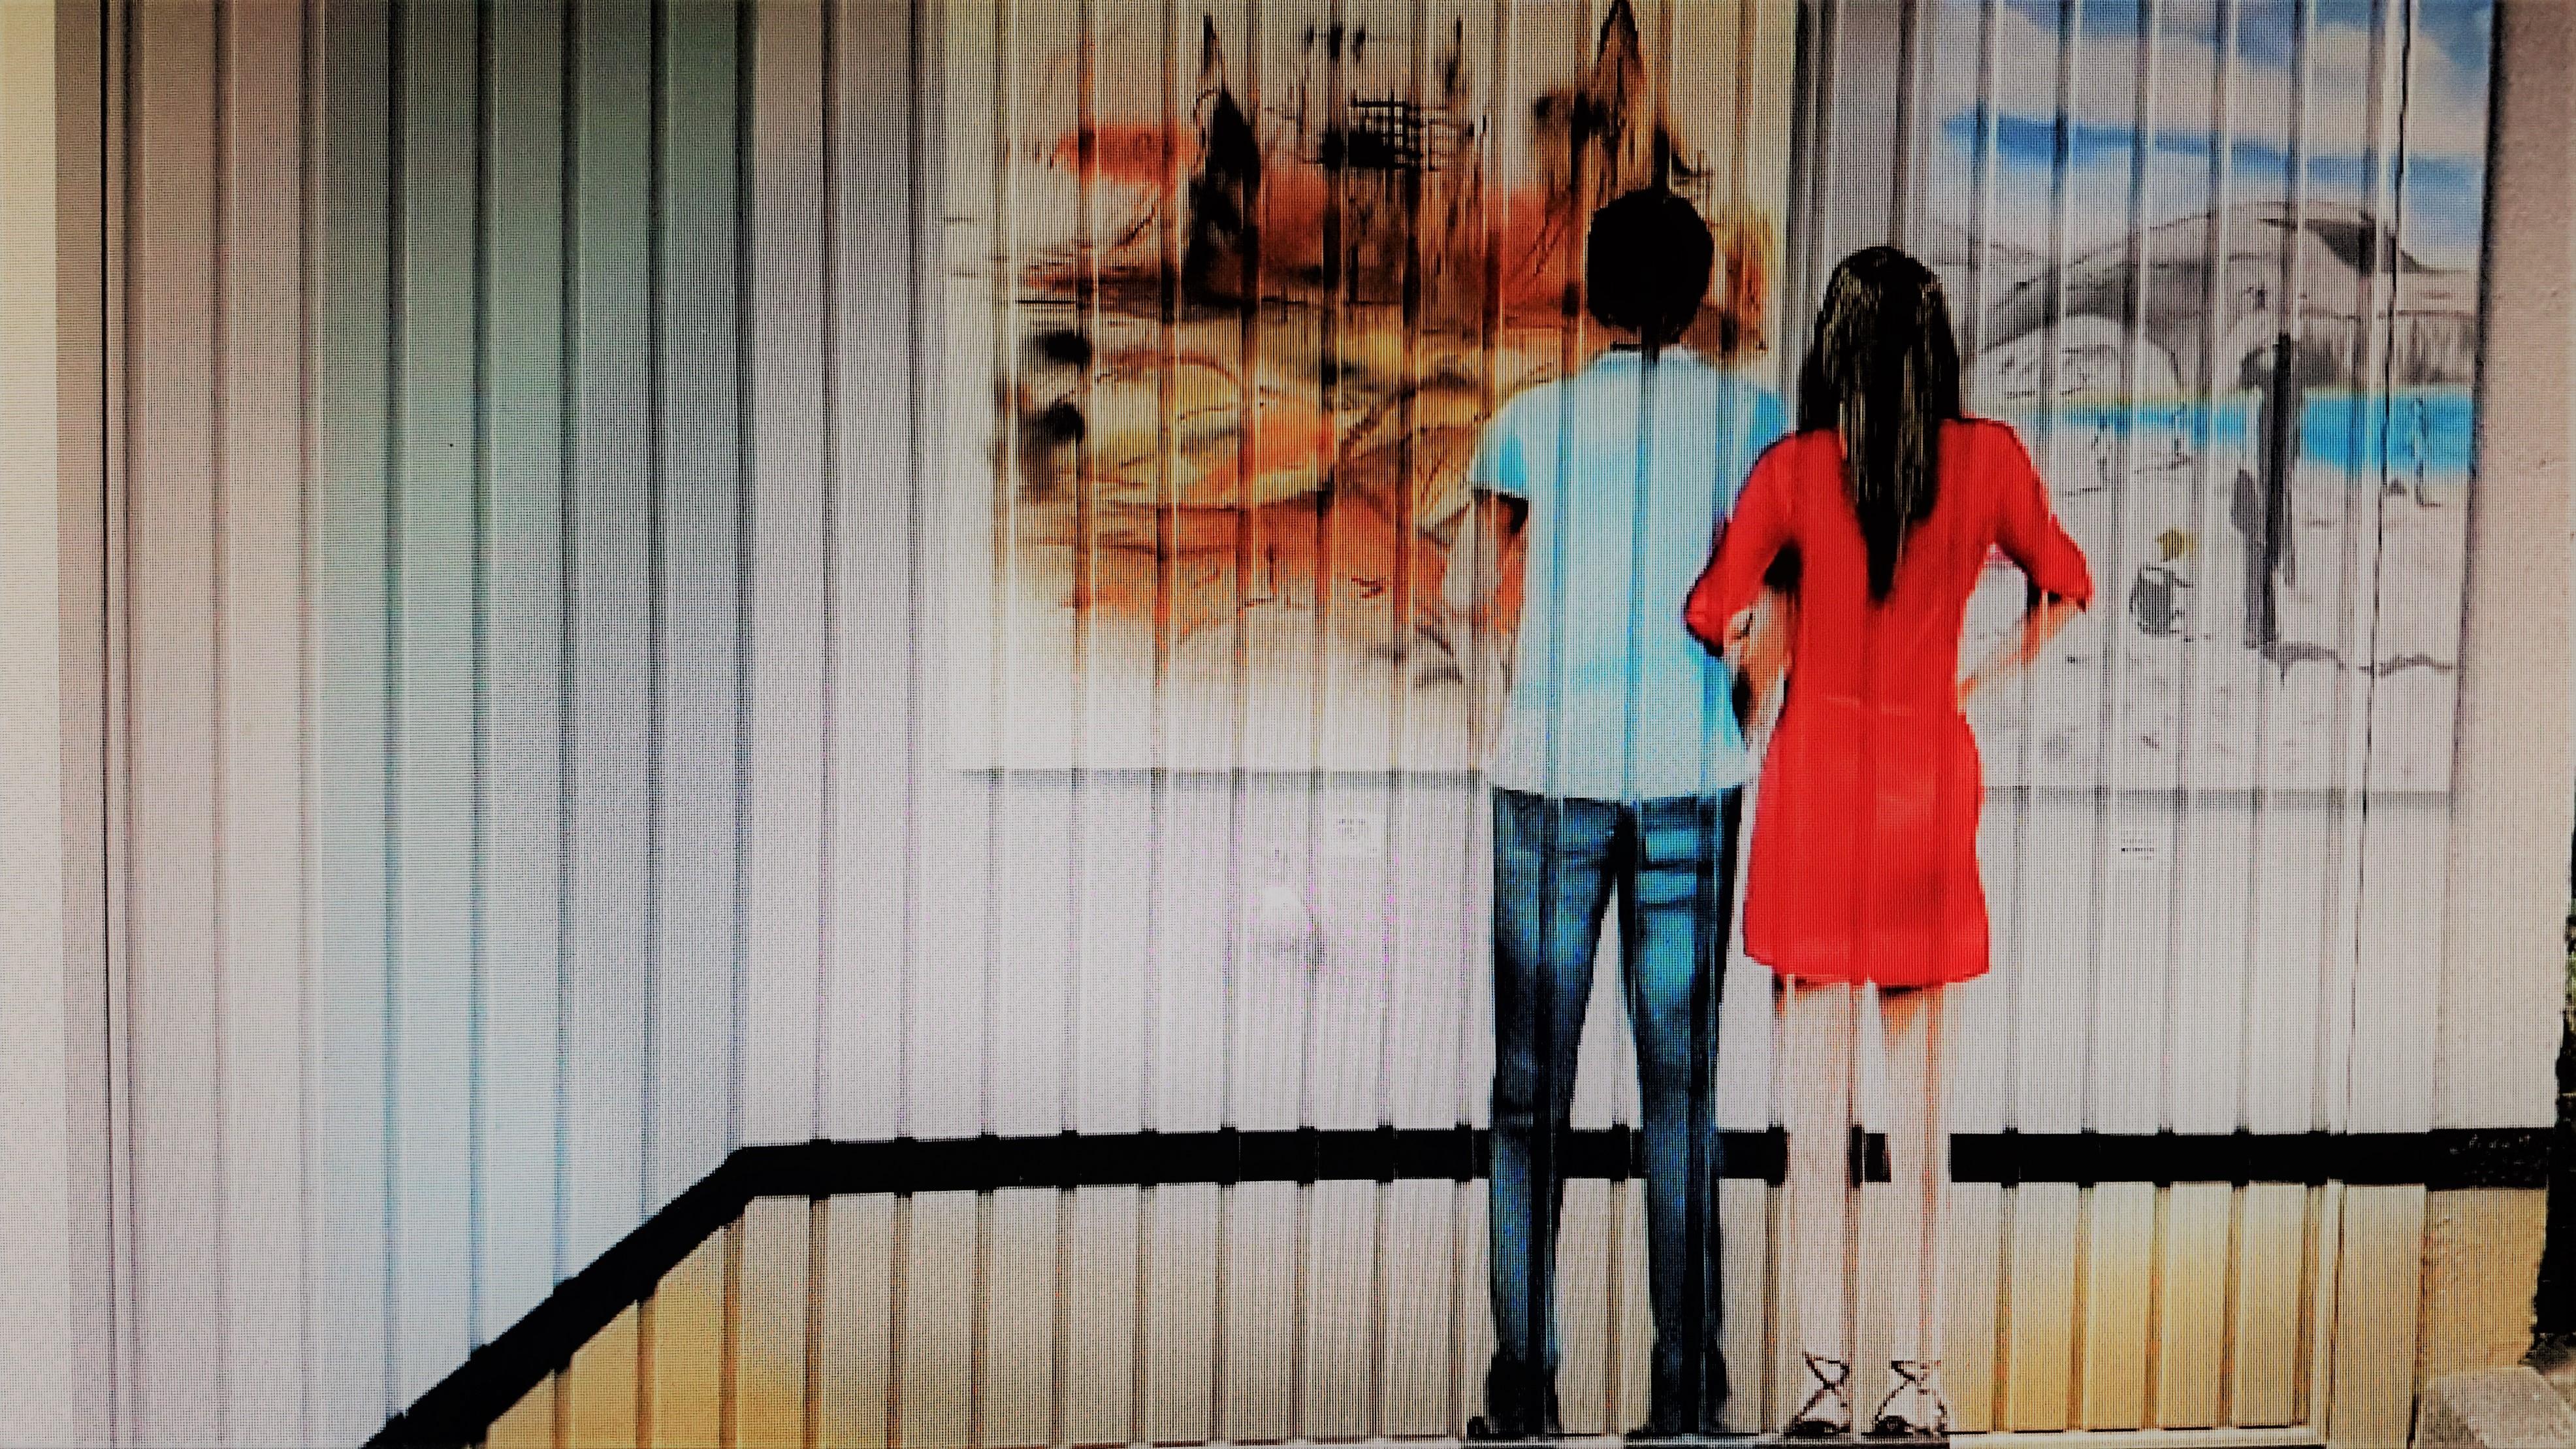 Ein Beispiel der neugestalteten Garagentore in der Siegbergstraße in Siegen. Motiv: Ein Paar betrachtet Bilder in einer Ausstellung. Mit freundlicher Genehmigung von Martin Zielke.